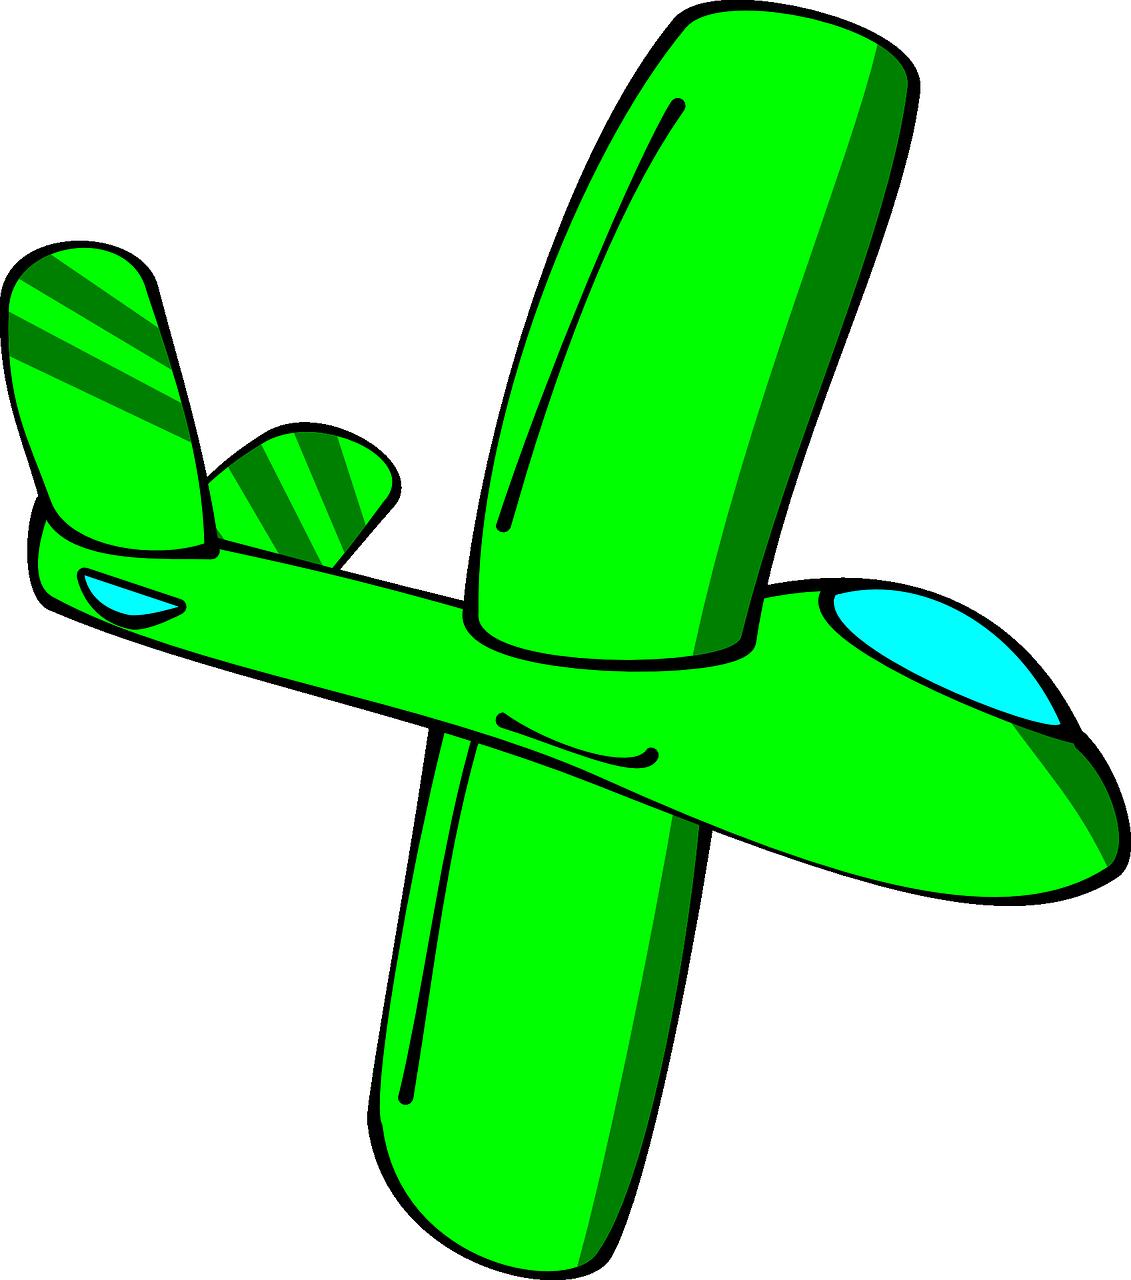 Actividades extraescolares formativas. Drones